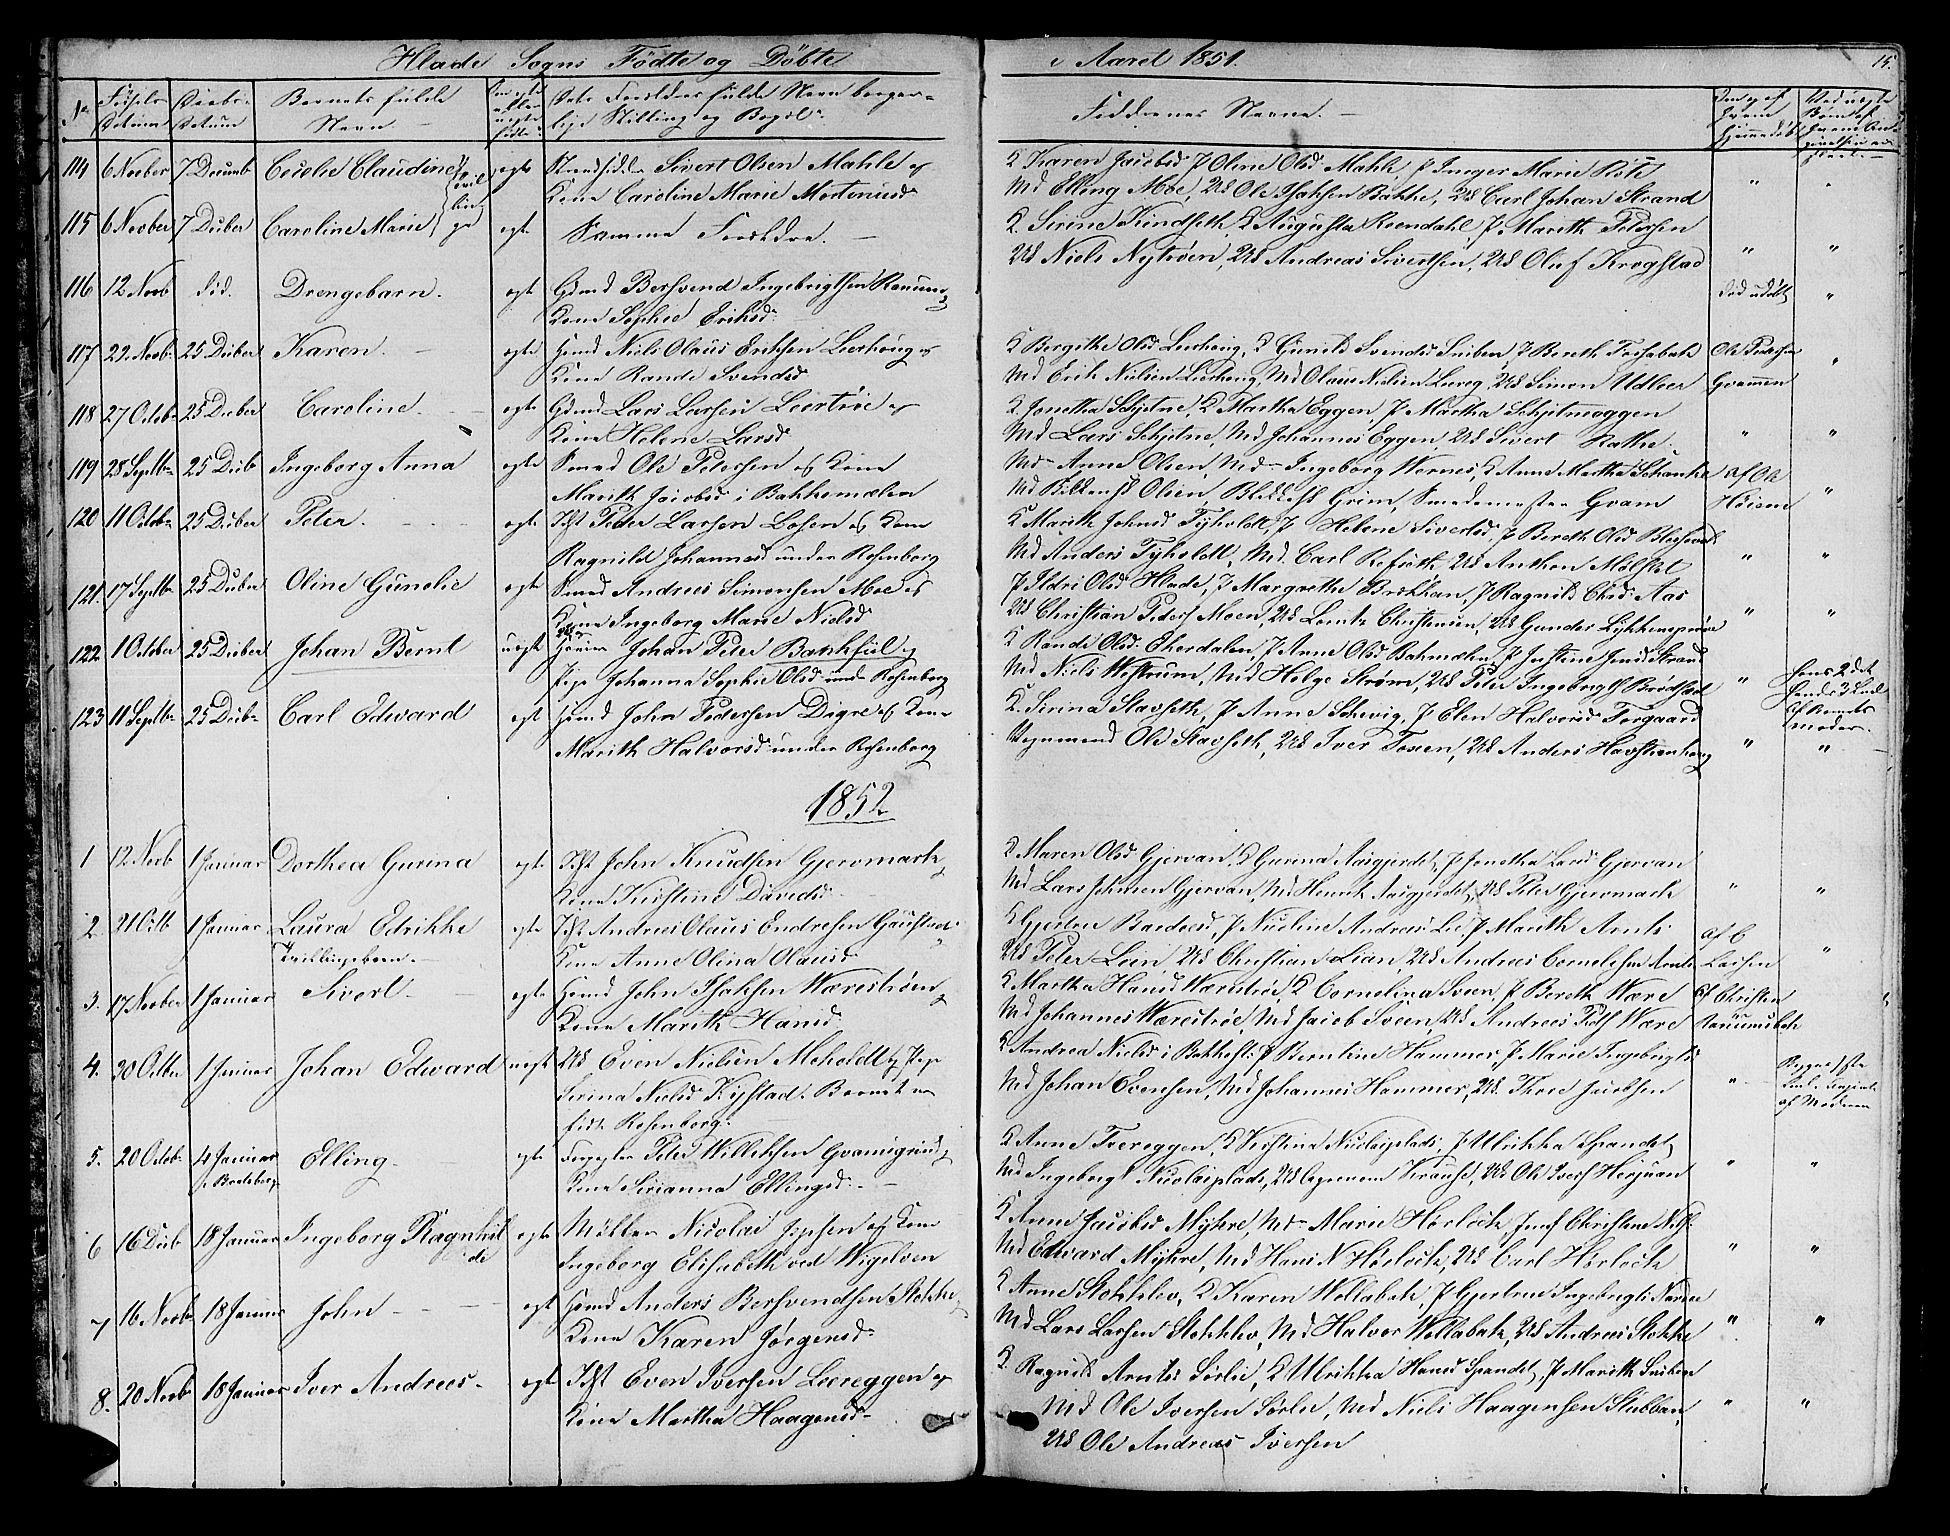 SAT, Ministerialprotokoller, klokkerbøker og fødselsregistre - Sør-Trøndelag, 606/L0310: Klokkerbok nr. 606C06, 1850-1859, s. 15